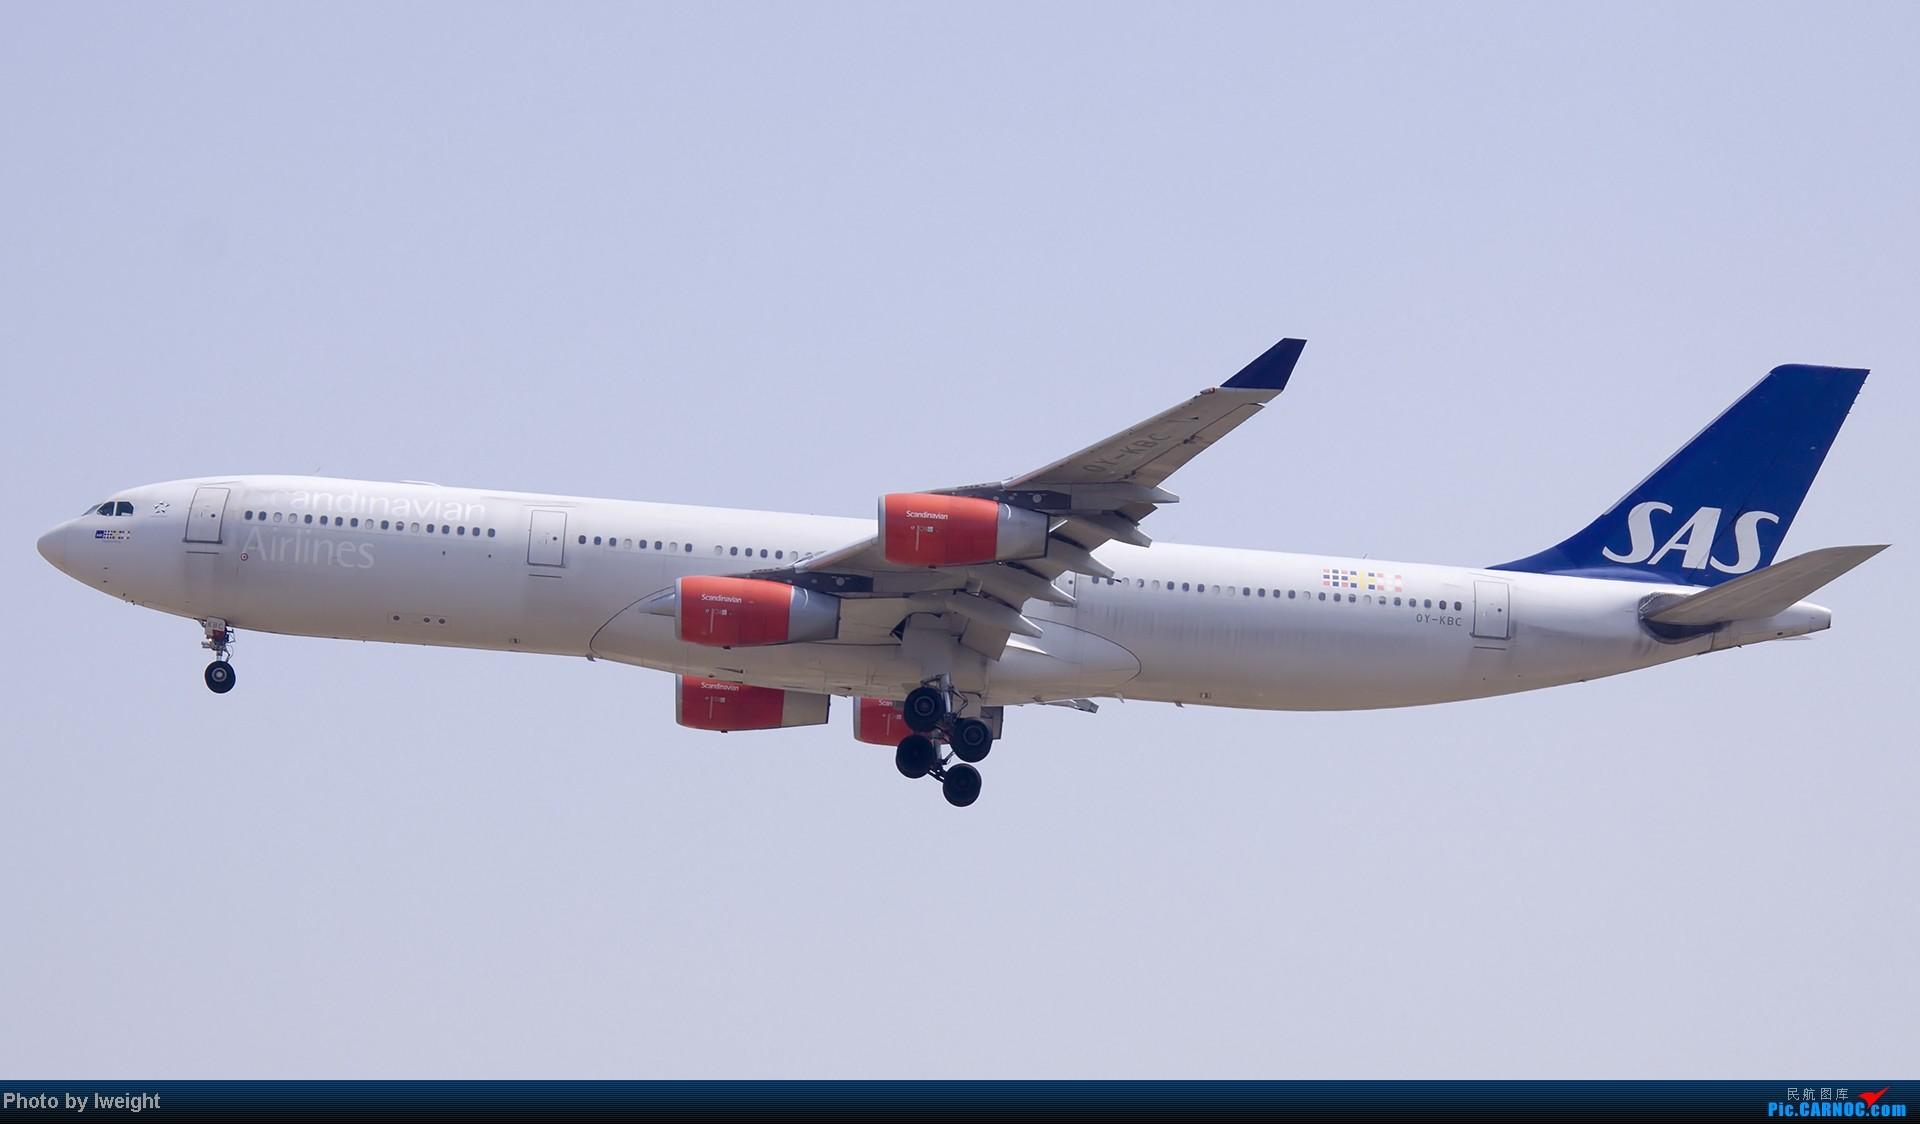 Re:[原创]错过了卡航的巴塞罗那号,只有这些大路货了,泪奔啊 AIRBUS A340-300 OY-KBC 中国北京首都机场